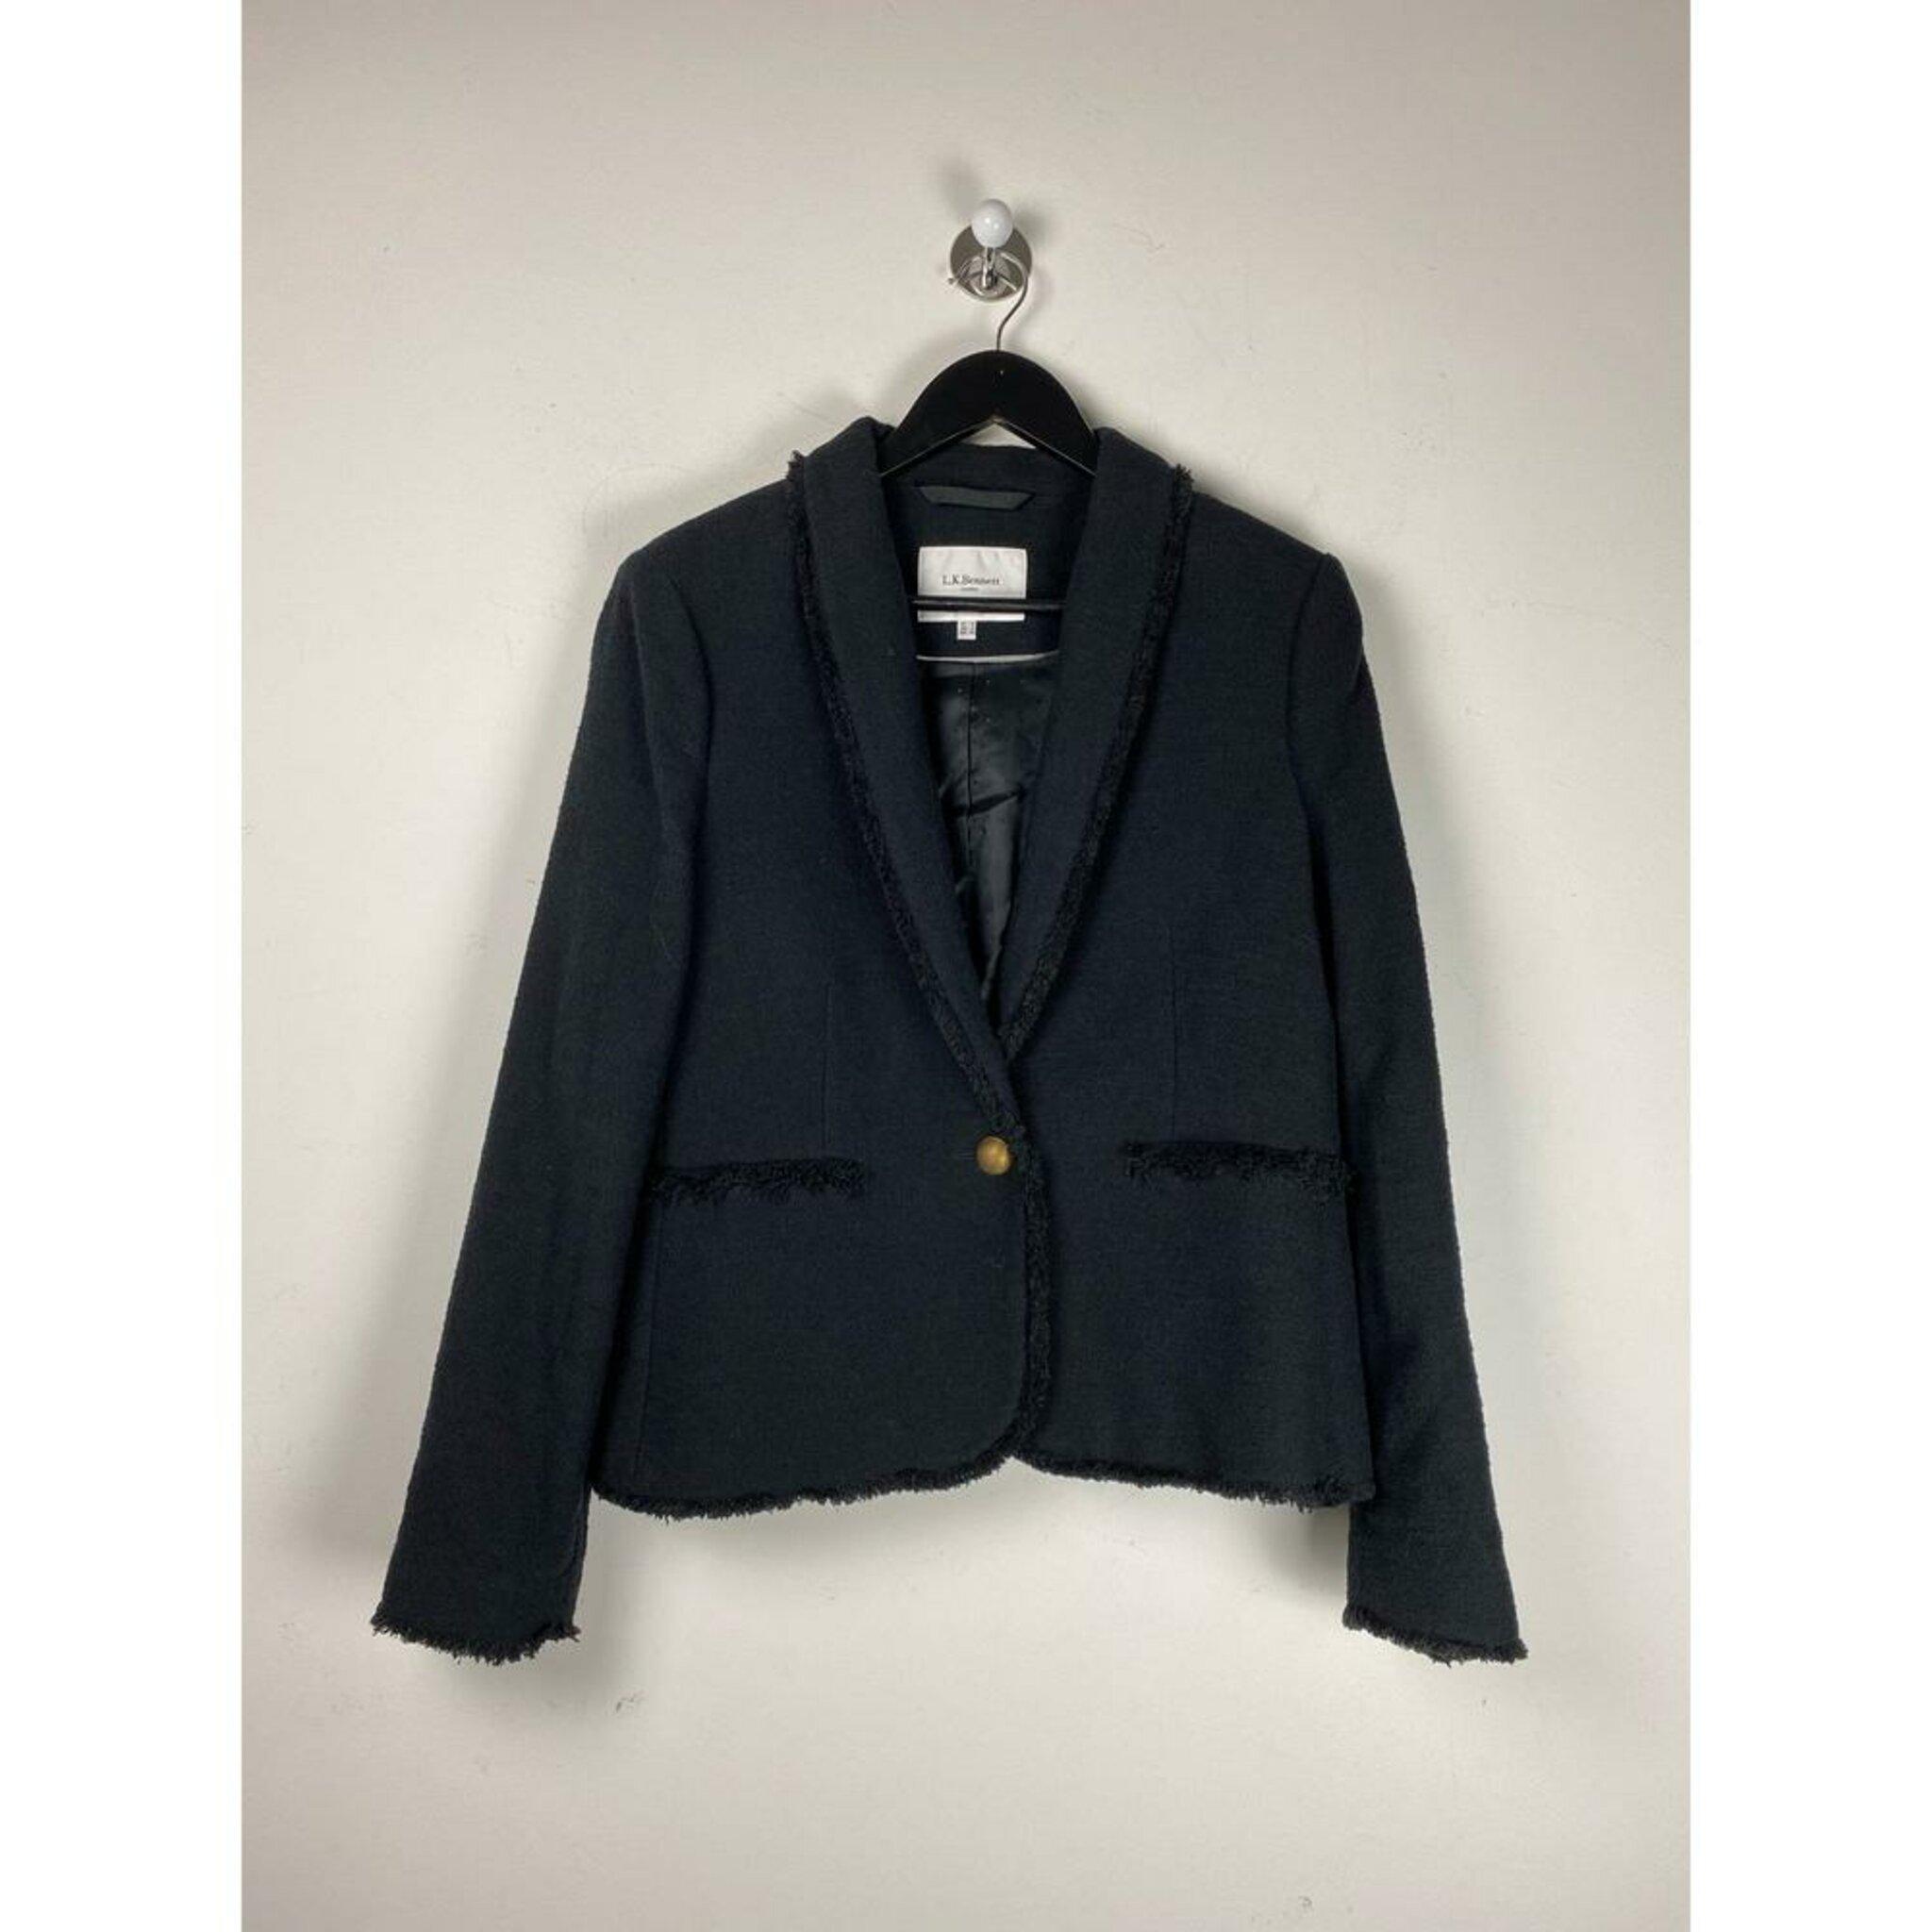 Boucle Jacket by L.K Bennett, 44